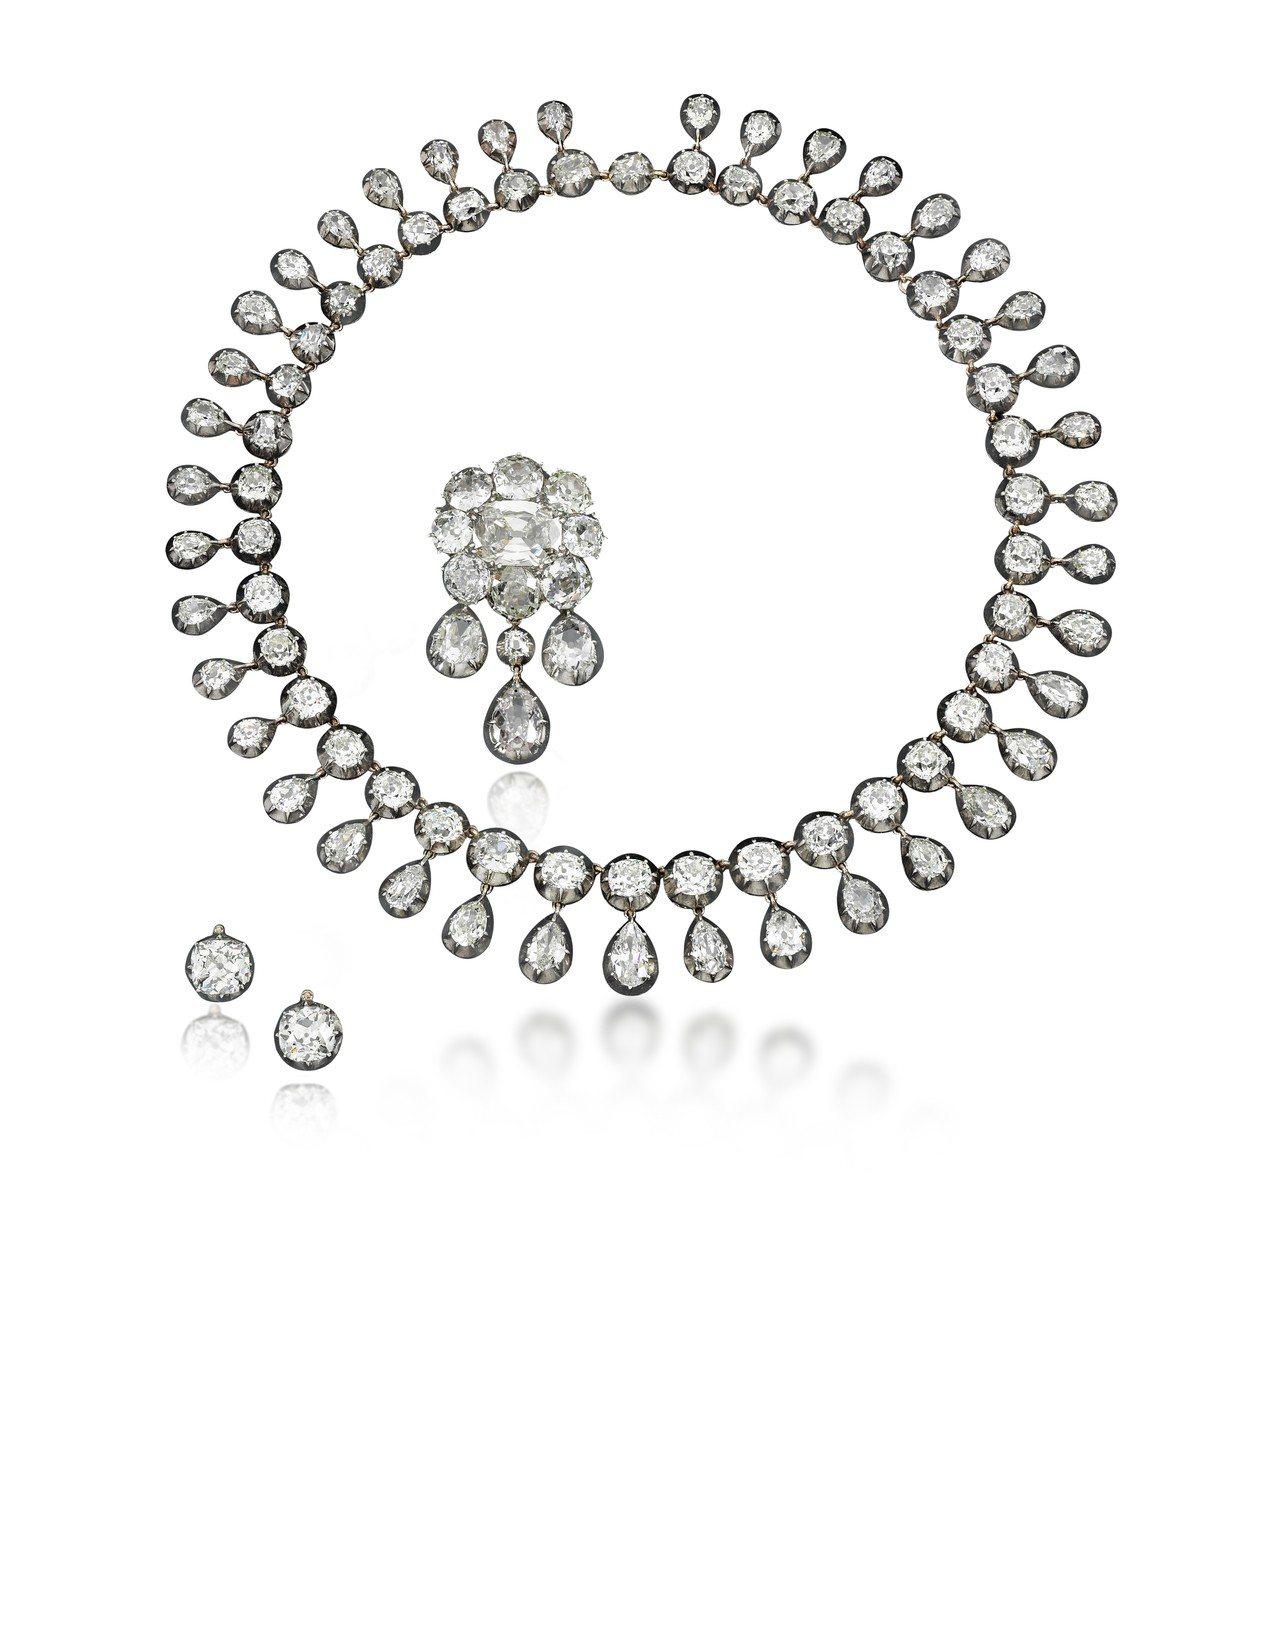 鑽石項鍊套組,上面的鑽石分別來瑪麗安東妮及法王查理十世,估價約 929萬元。圖/...